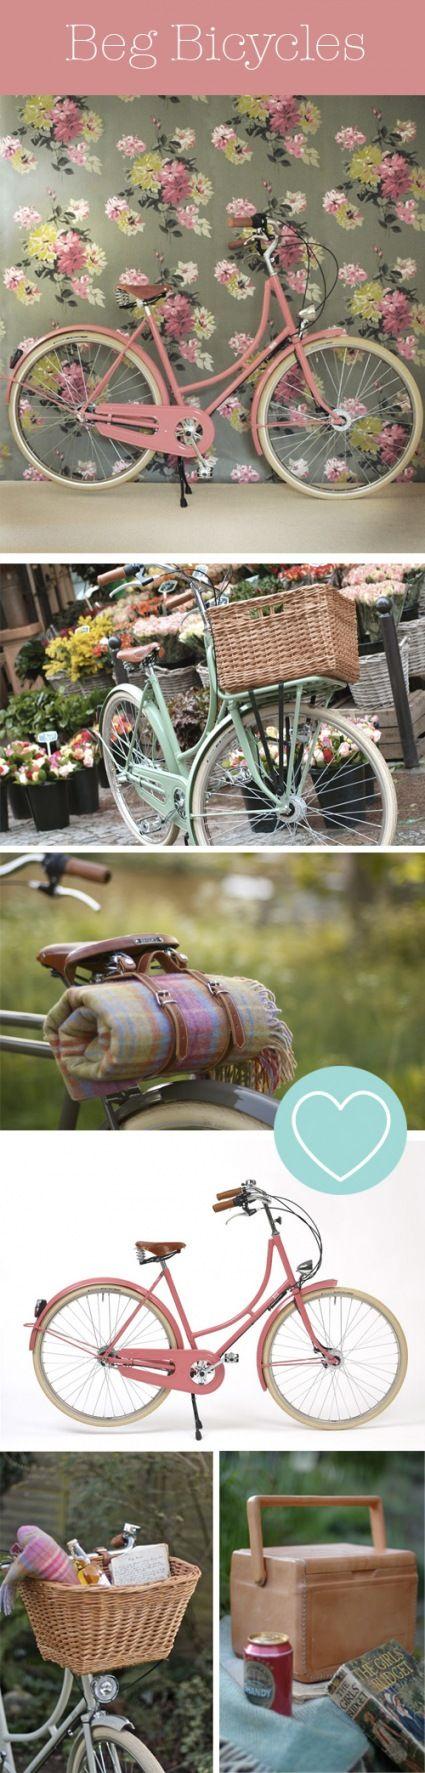 a glampy bike